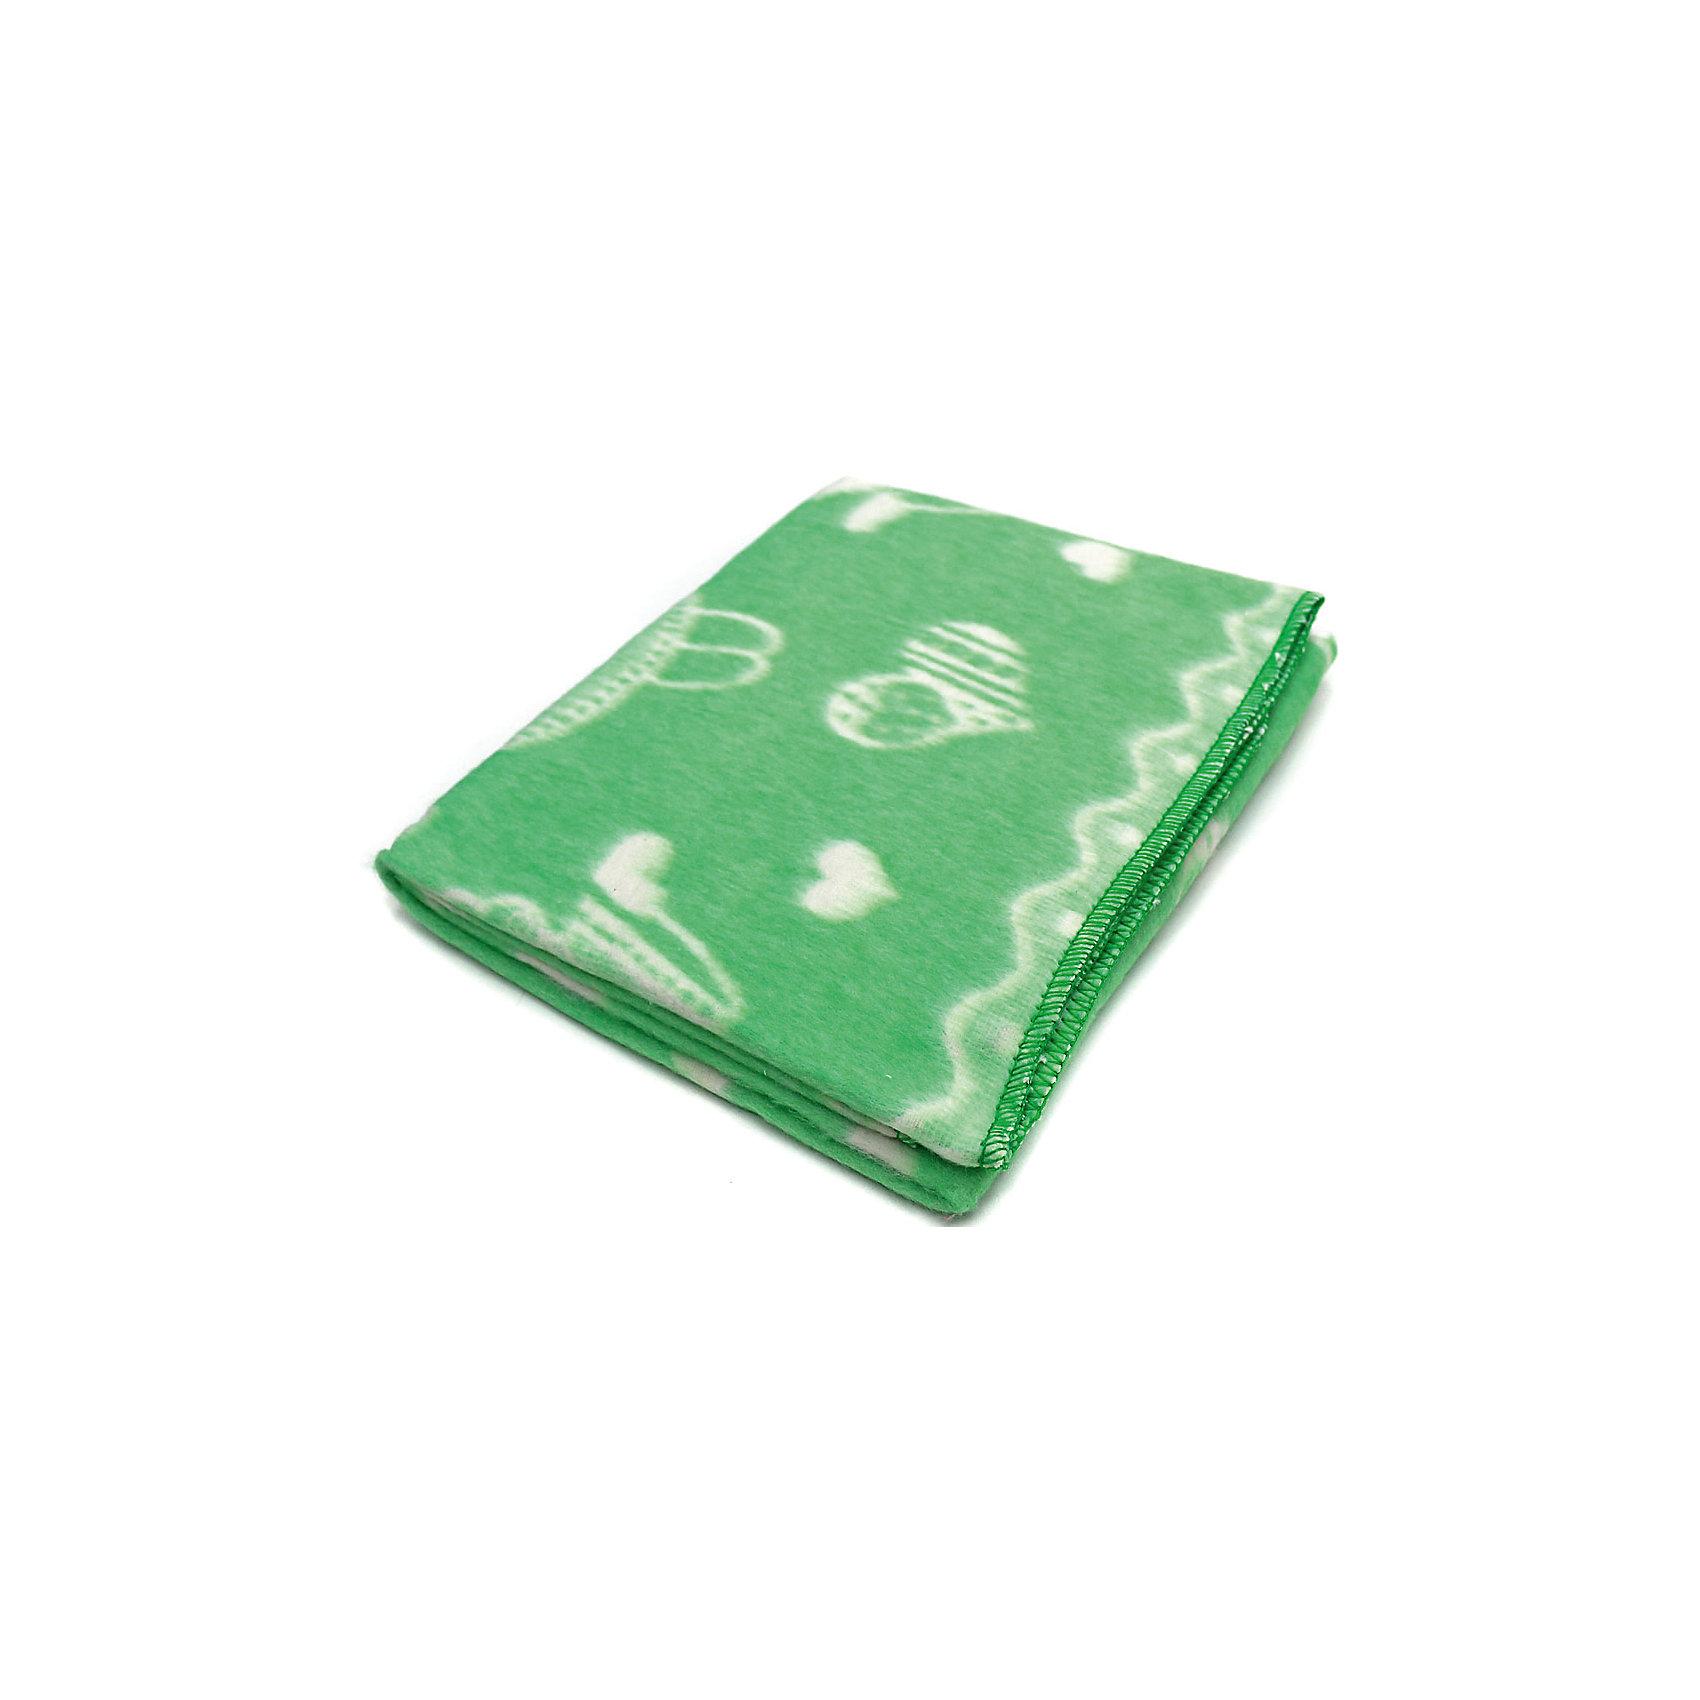 Байковое одеяло 110х118 см. (жаккард), Топотушки, зеленыйБайковое одеяло 110х118 см. (жаккард), Топотушки, зелёный<br>Характеристики:<br><br>-Размер: 100х118 см<br>-Цвет: зелёный<br>-Материал: отбеленная и крашеная пряжа, 100% хлопок<br><br>Байковое одеяло 110х118 см. (жаккард), Топотушки, зелёный согреет вашего ребёнка в холодное время года. Одеяло выполнено из 100% хлопка, поэтому не вызовет аллергическую реакцию. Весёлые картинки будет радовать вашего ребёнка. Оно большого размера, поэтому его можно использовать и в пеленании ребёнка. Оно мягкое и приятное на ощупь, поэтому сделает сон вашего ребёнка еще комфортнее. <br><br>Байковое одеяло 110х118 см. (жаккард), Топотушки, зелёный можно приобрести в нашем интернет-магазине.<br><br>Ширина мм: 370<br>Глубина мм: 360<br>Высота мм: 30<br>Вес г: 580<br>Возраст от месяцев: 0<br>Возраст до месяцев: 36<br>Пол: Унисекс<br>Возраст: Детский<br>SKU: 5086336